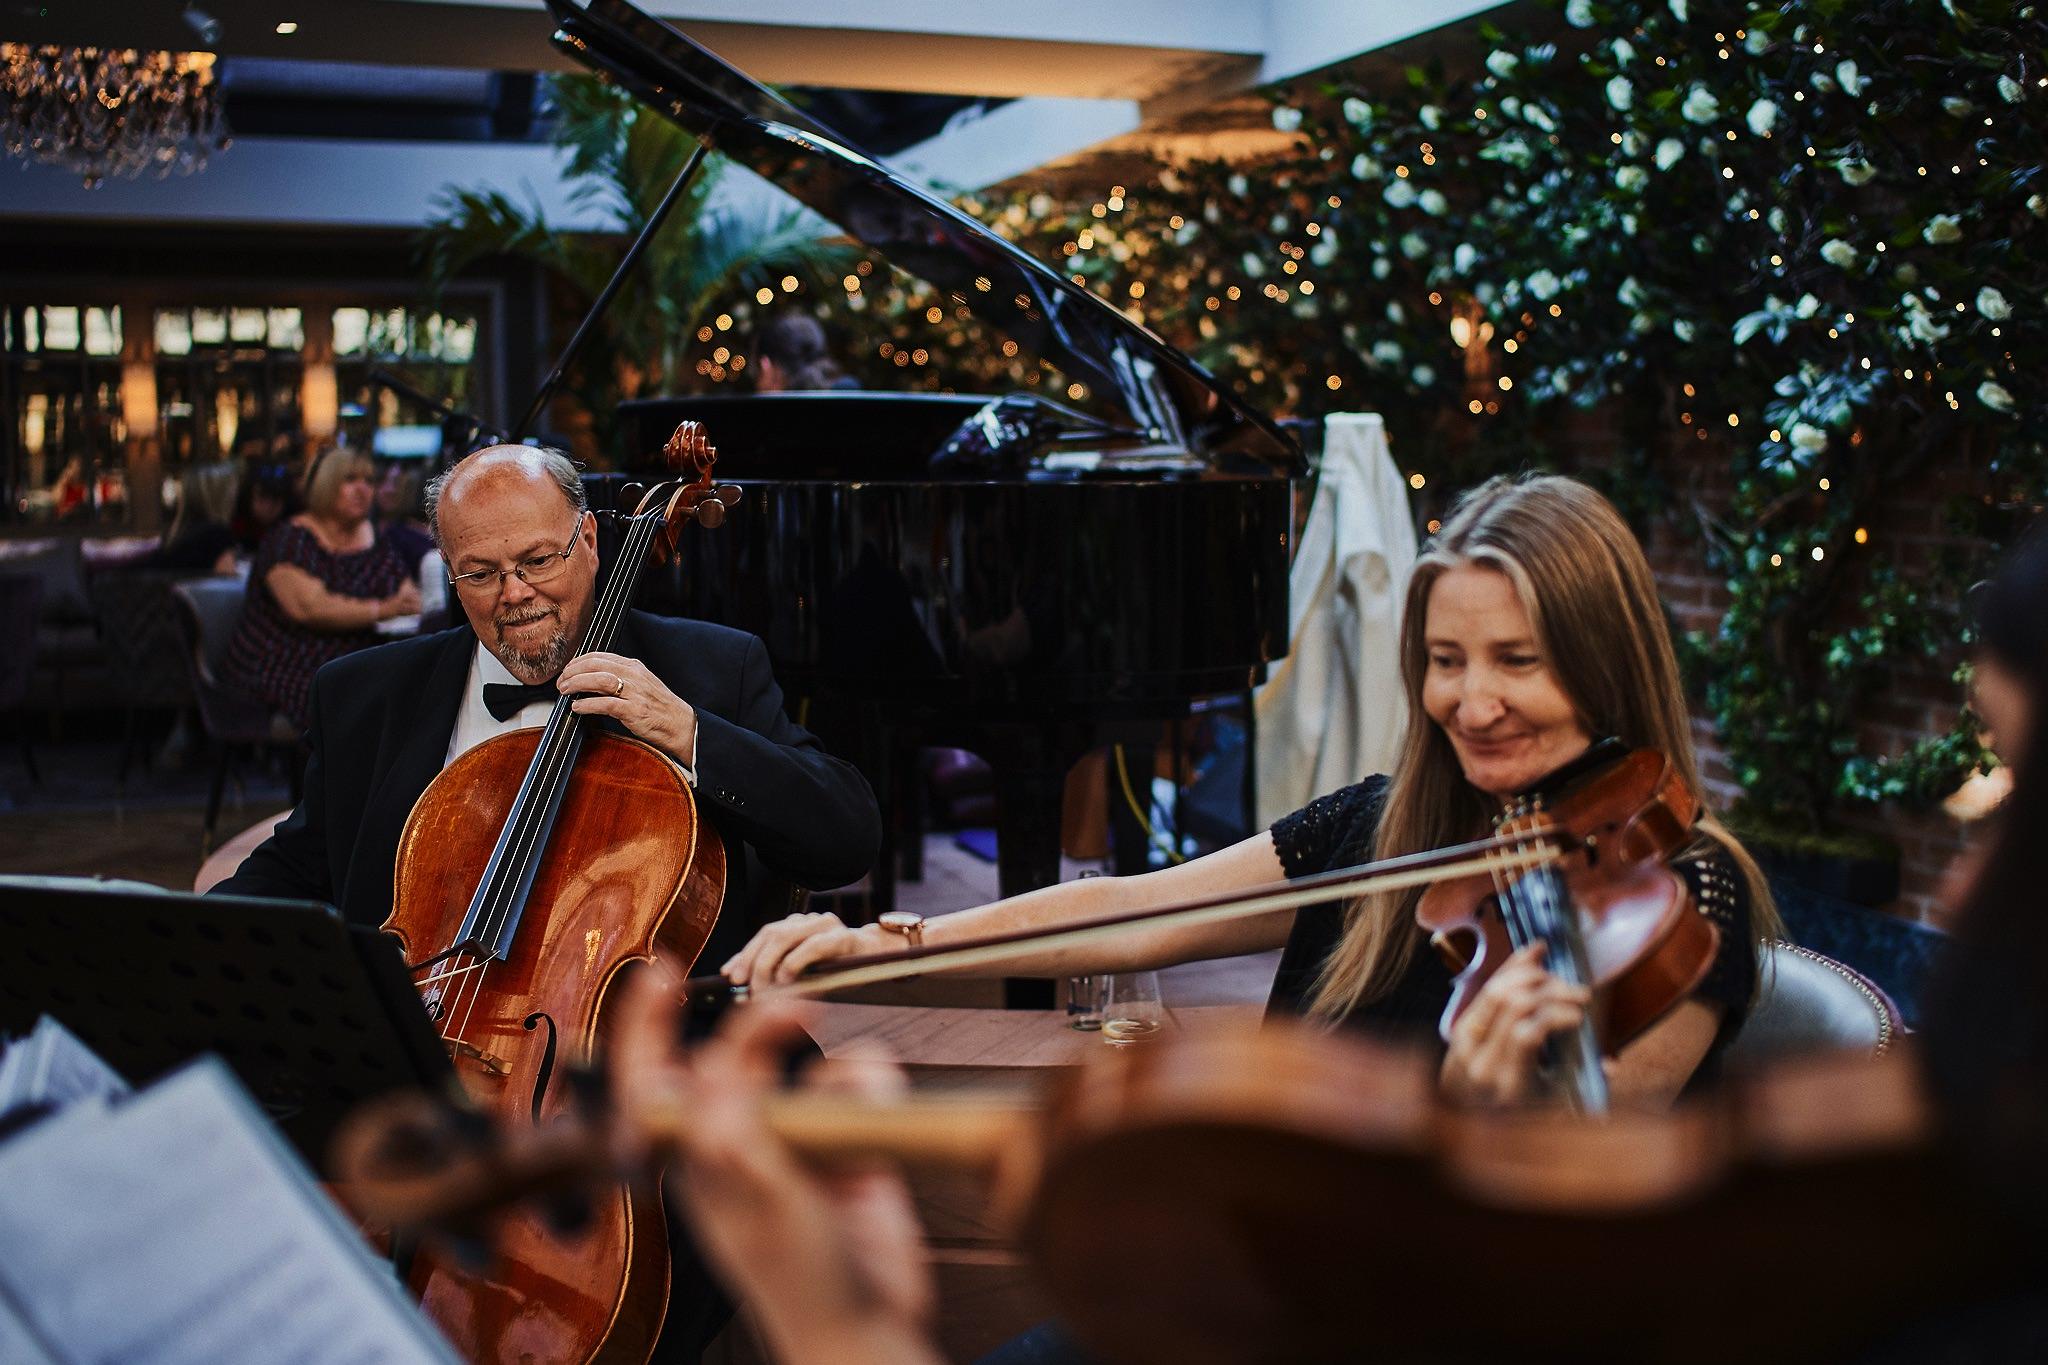 Strings for weddings